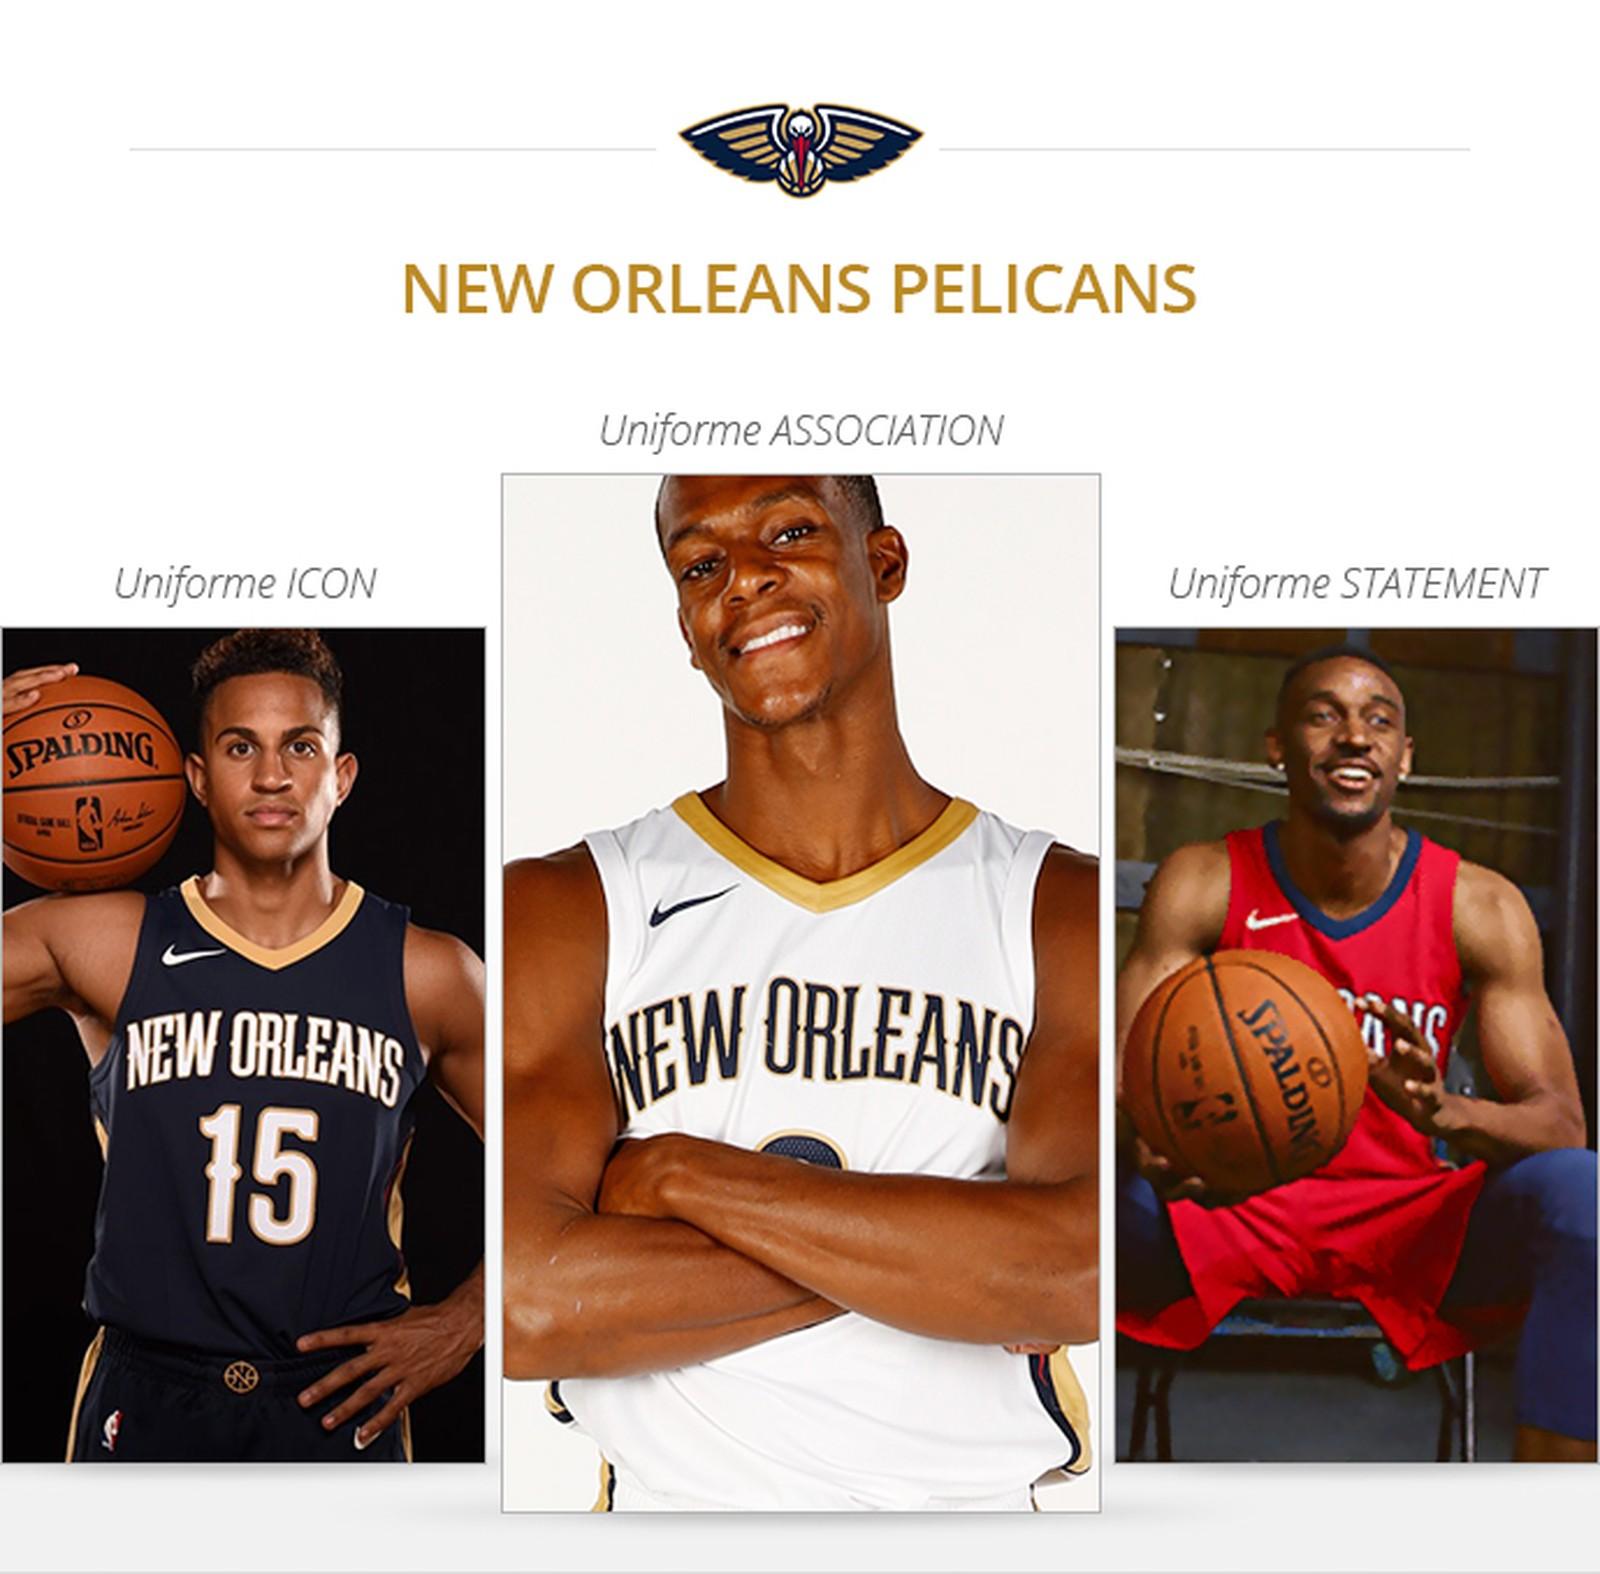 Uniformes New Orleans Pelicans saison 2017/18